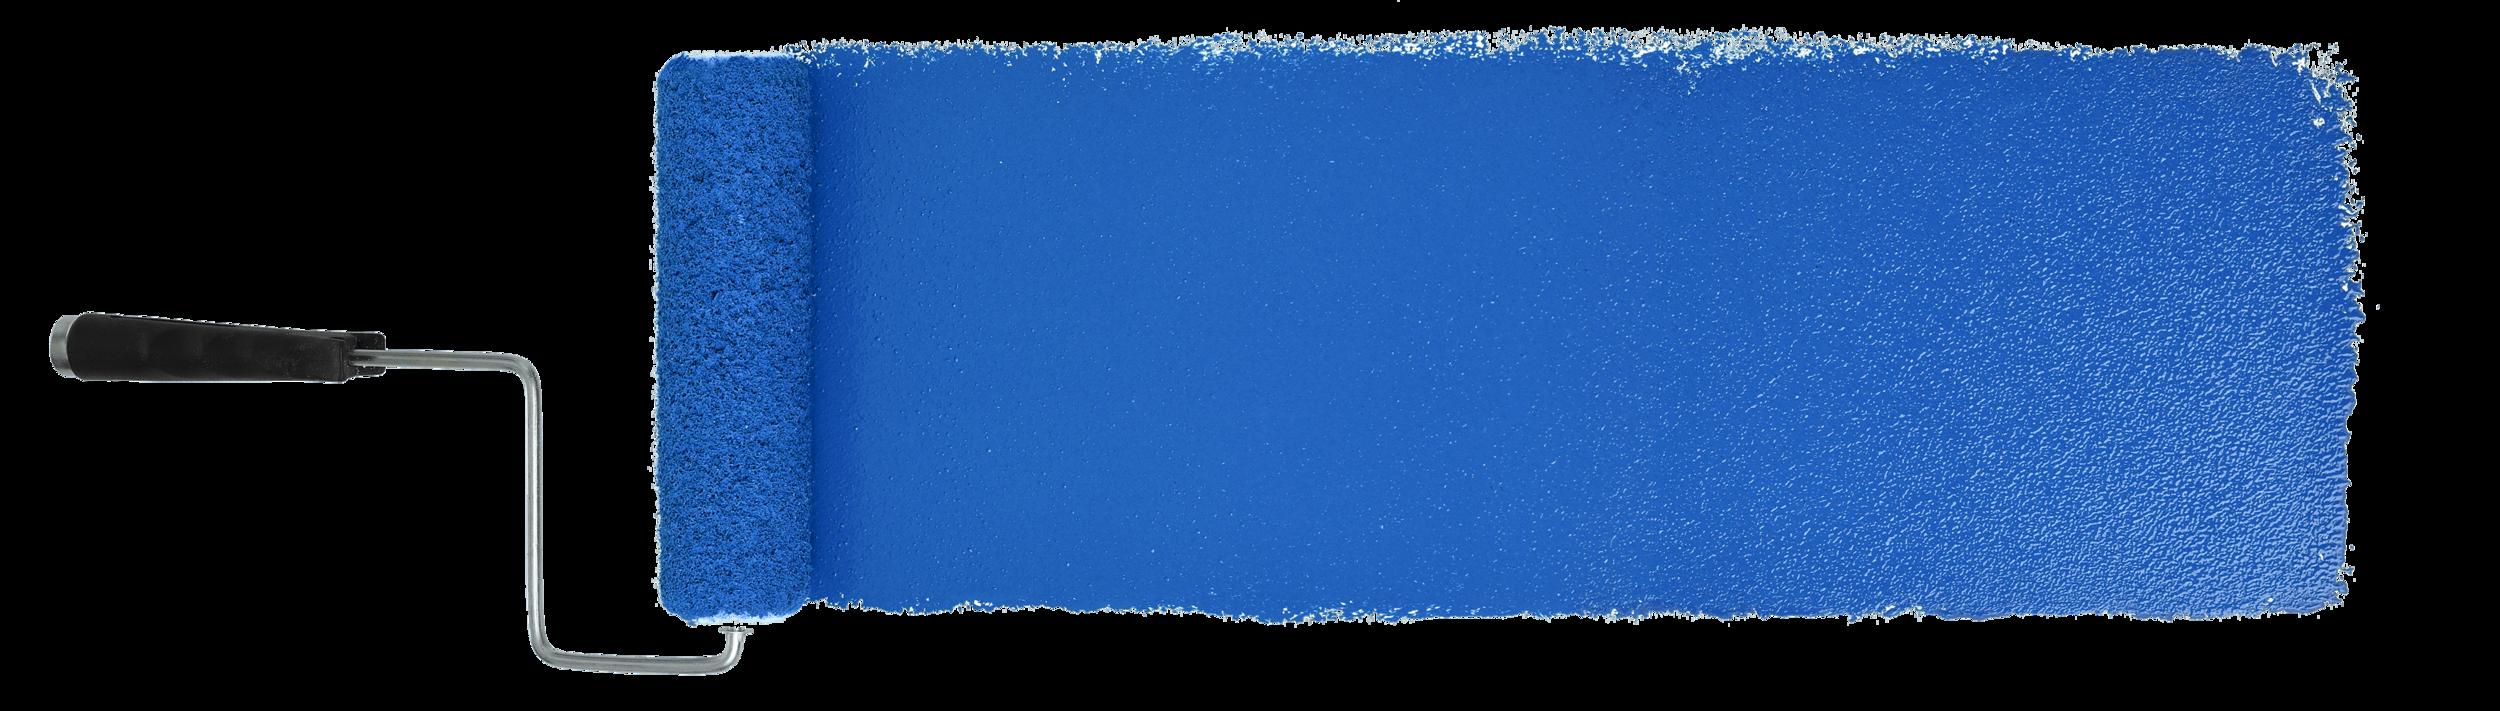 paint-blue.png